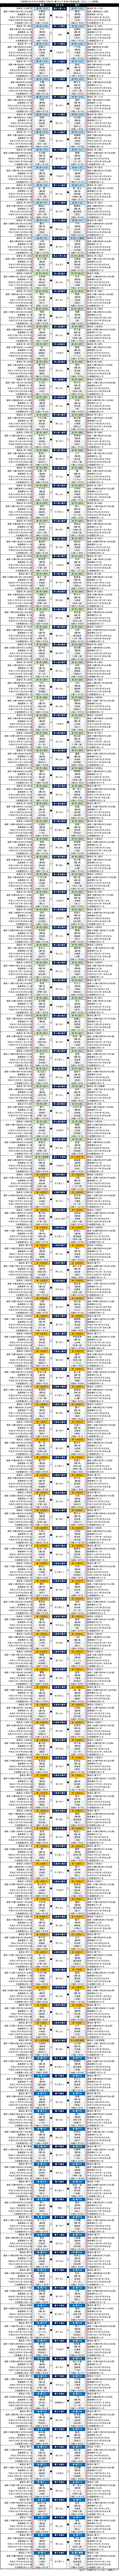 大相撲・2019年11月場所初日・幕下以下の取組結果